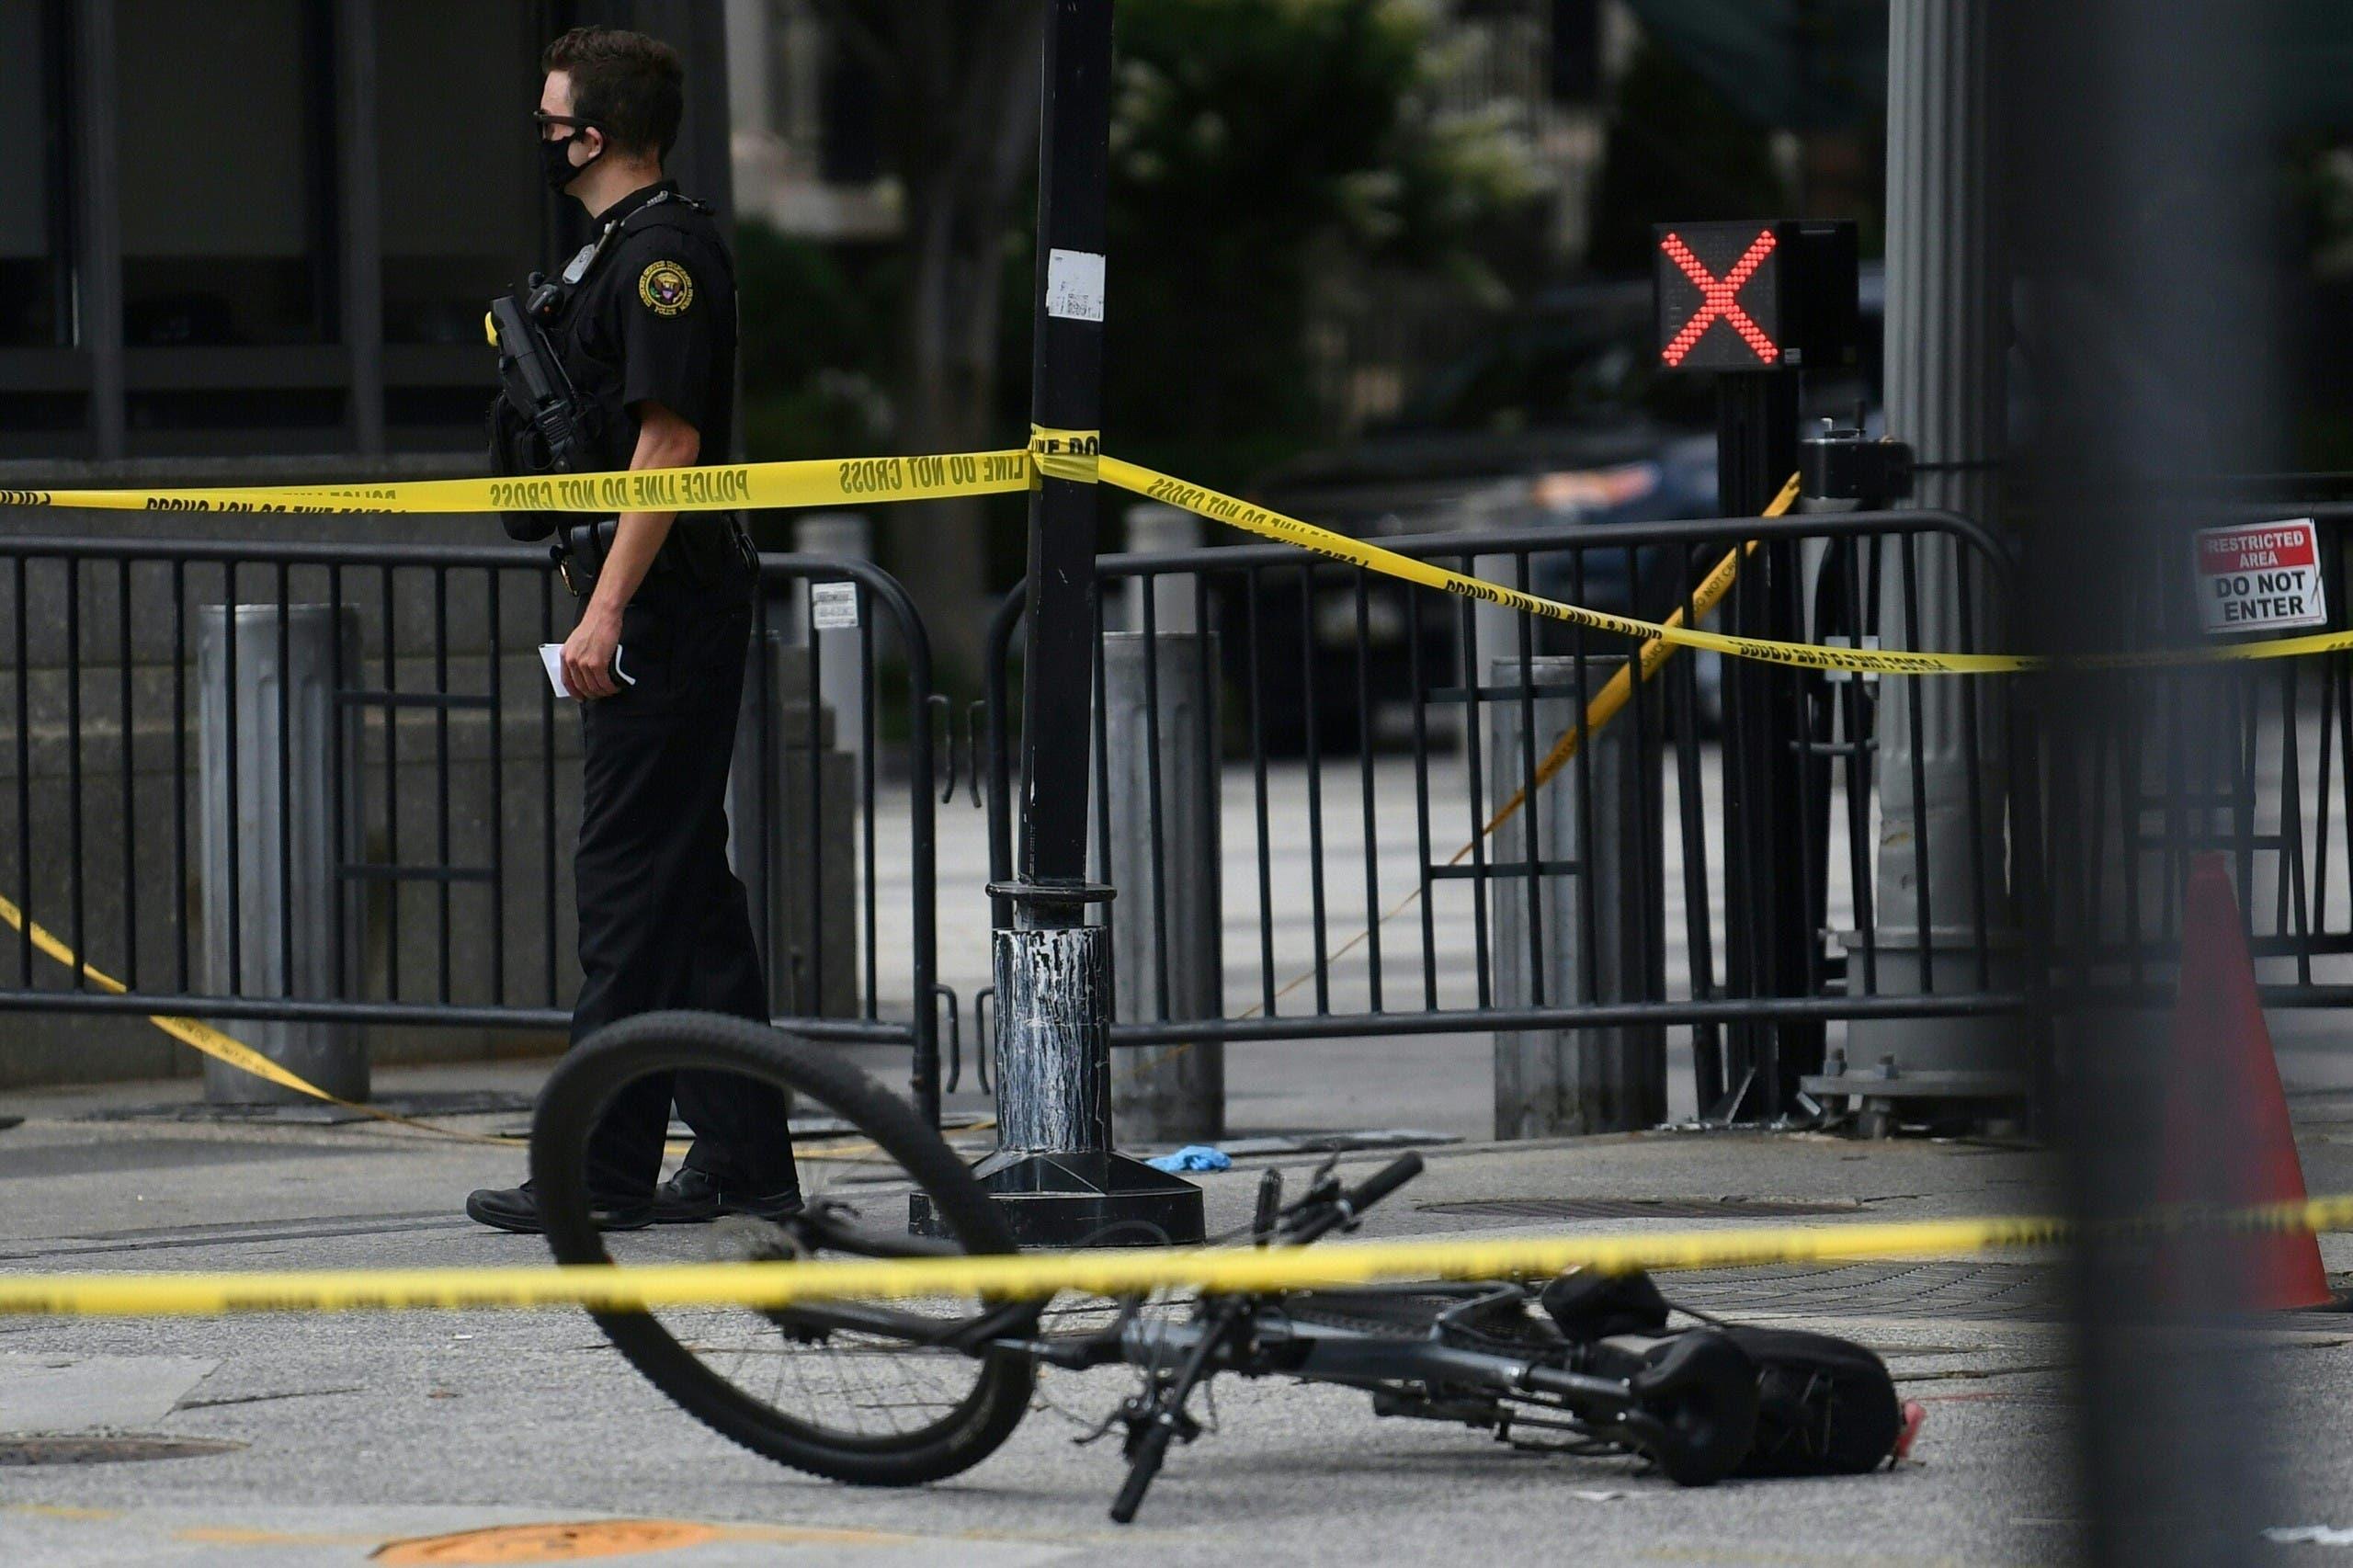 دوچرخه یکی از ماموران سرویس مخفی در خیابان پنسیلوانیا در نزدیکی کاخ سفید